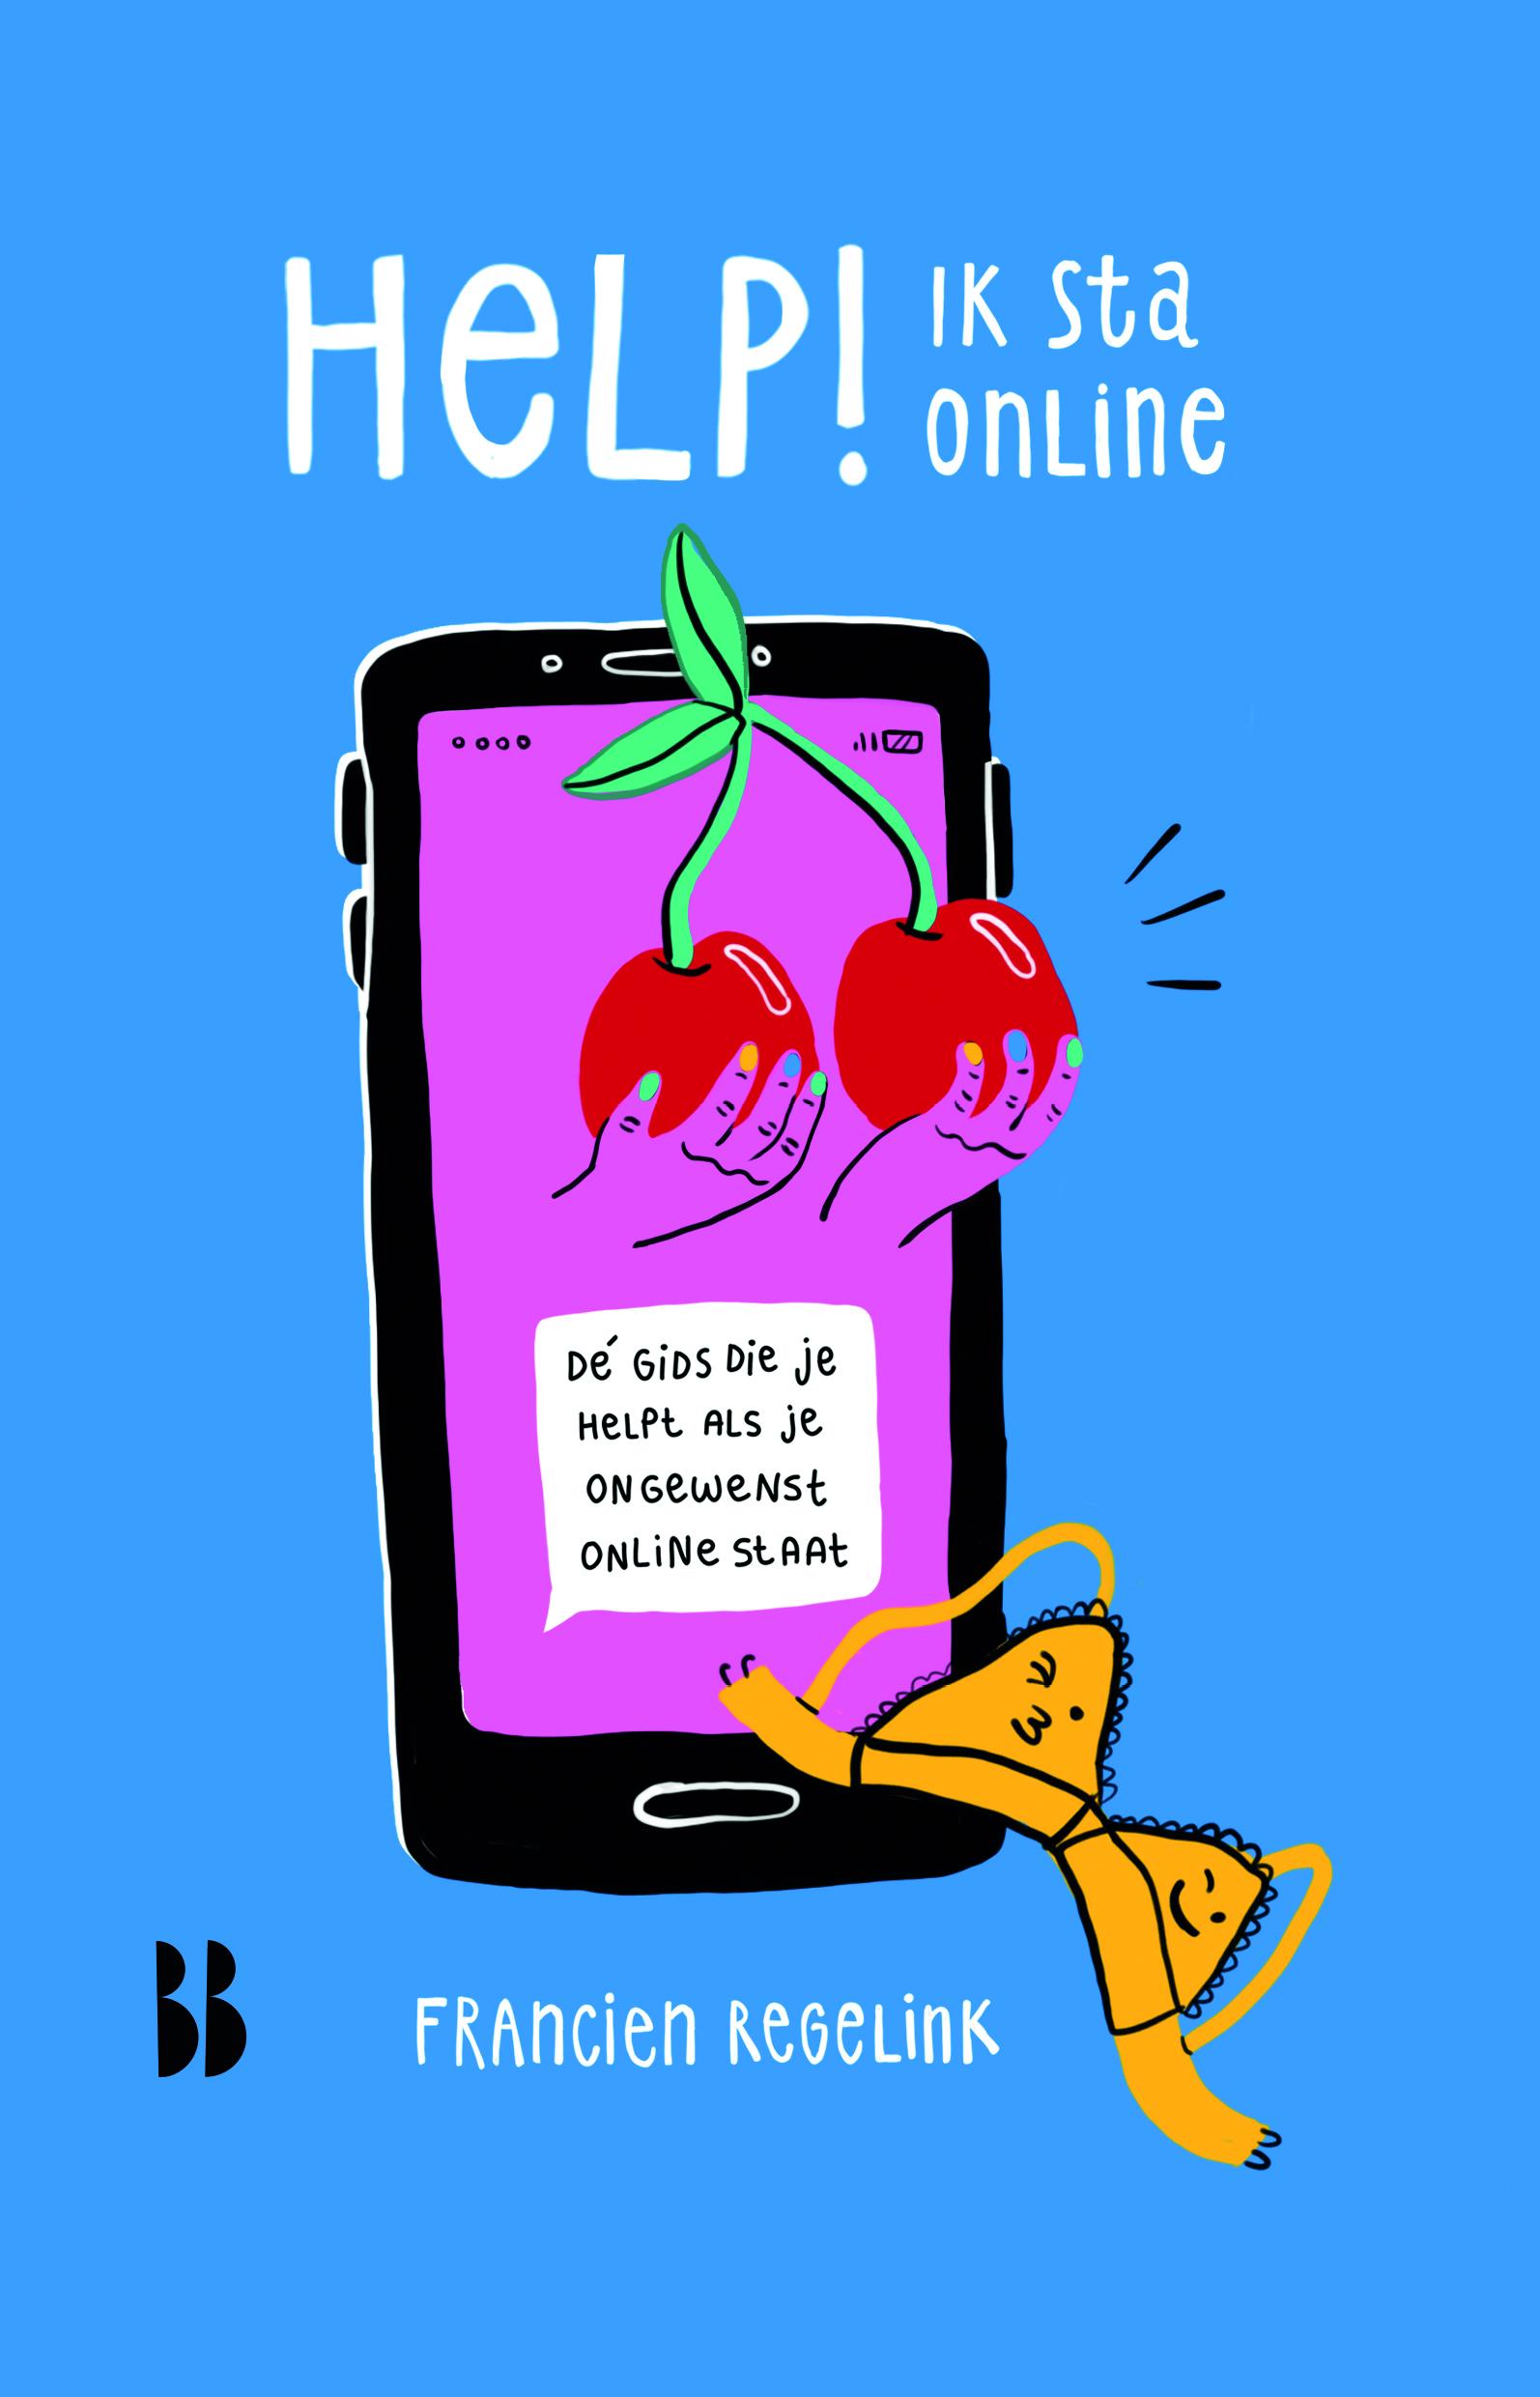 Je naaktfoto online: 'Er is niks mis met sexting'